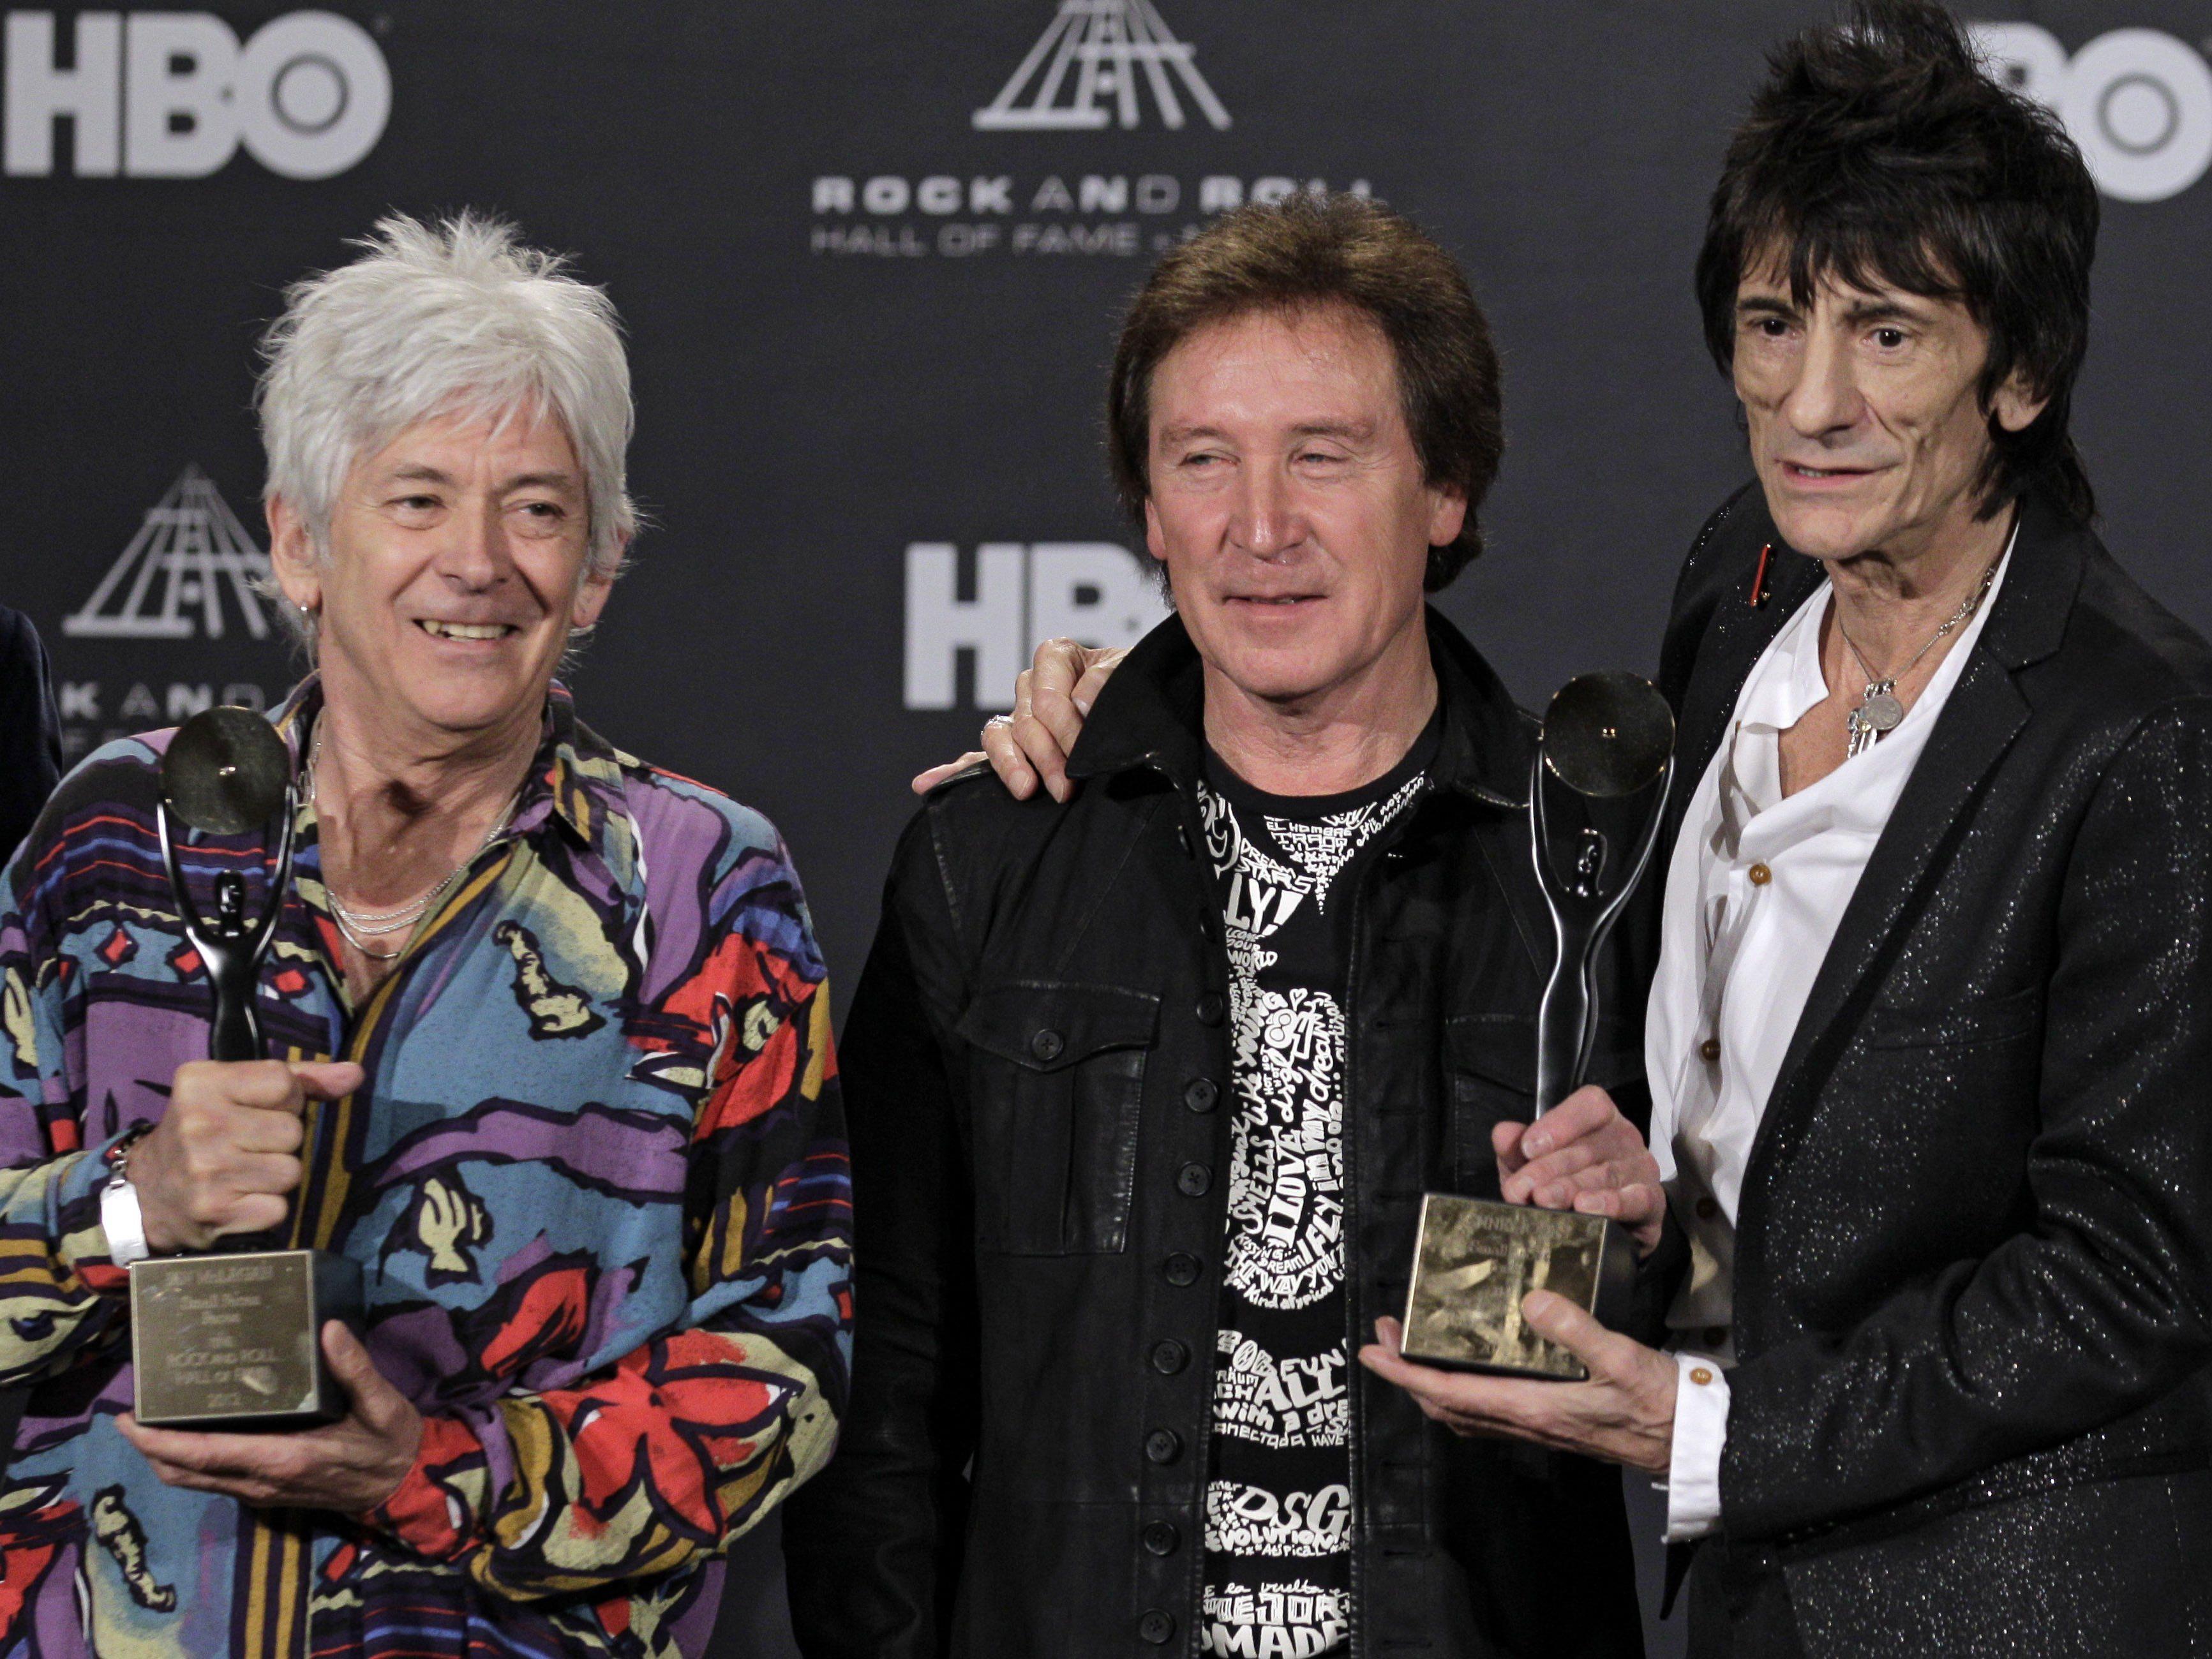 Ian McLagan (links) mit Kenney Jones und Ronnie Wood.